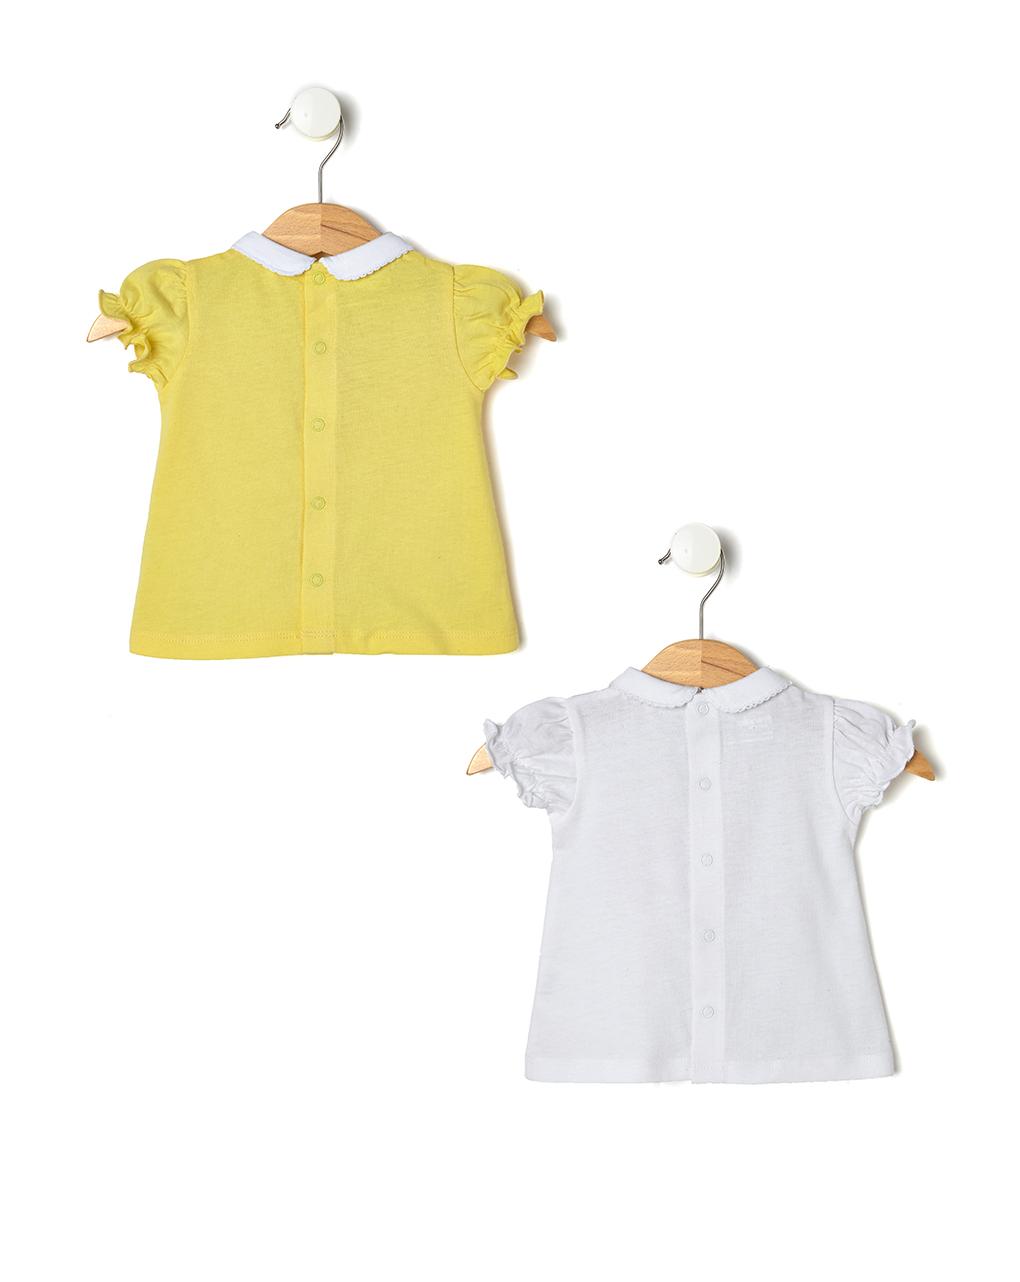 d05958368b67 Pack 2 t-shirt con maniche arricciate e colletto - NEONATO 0-36 ...